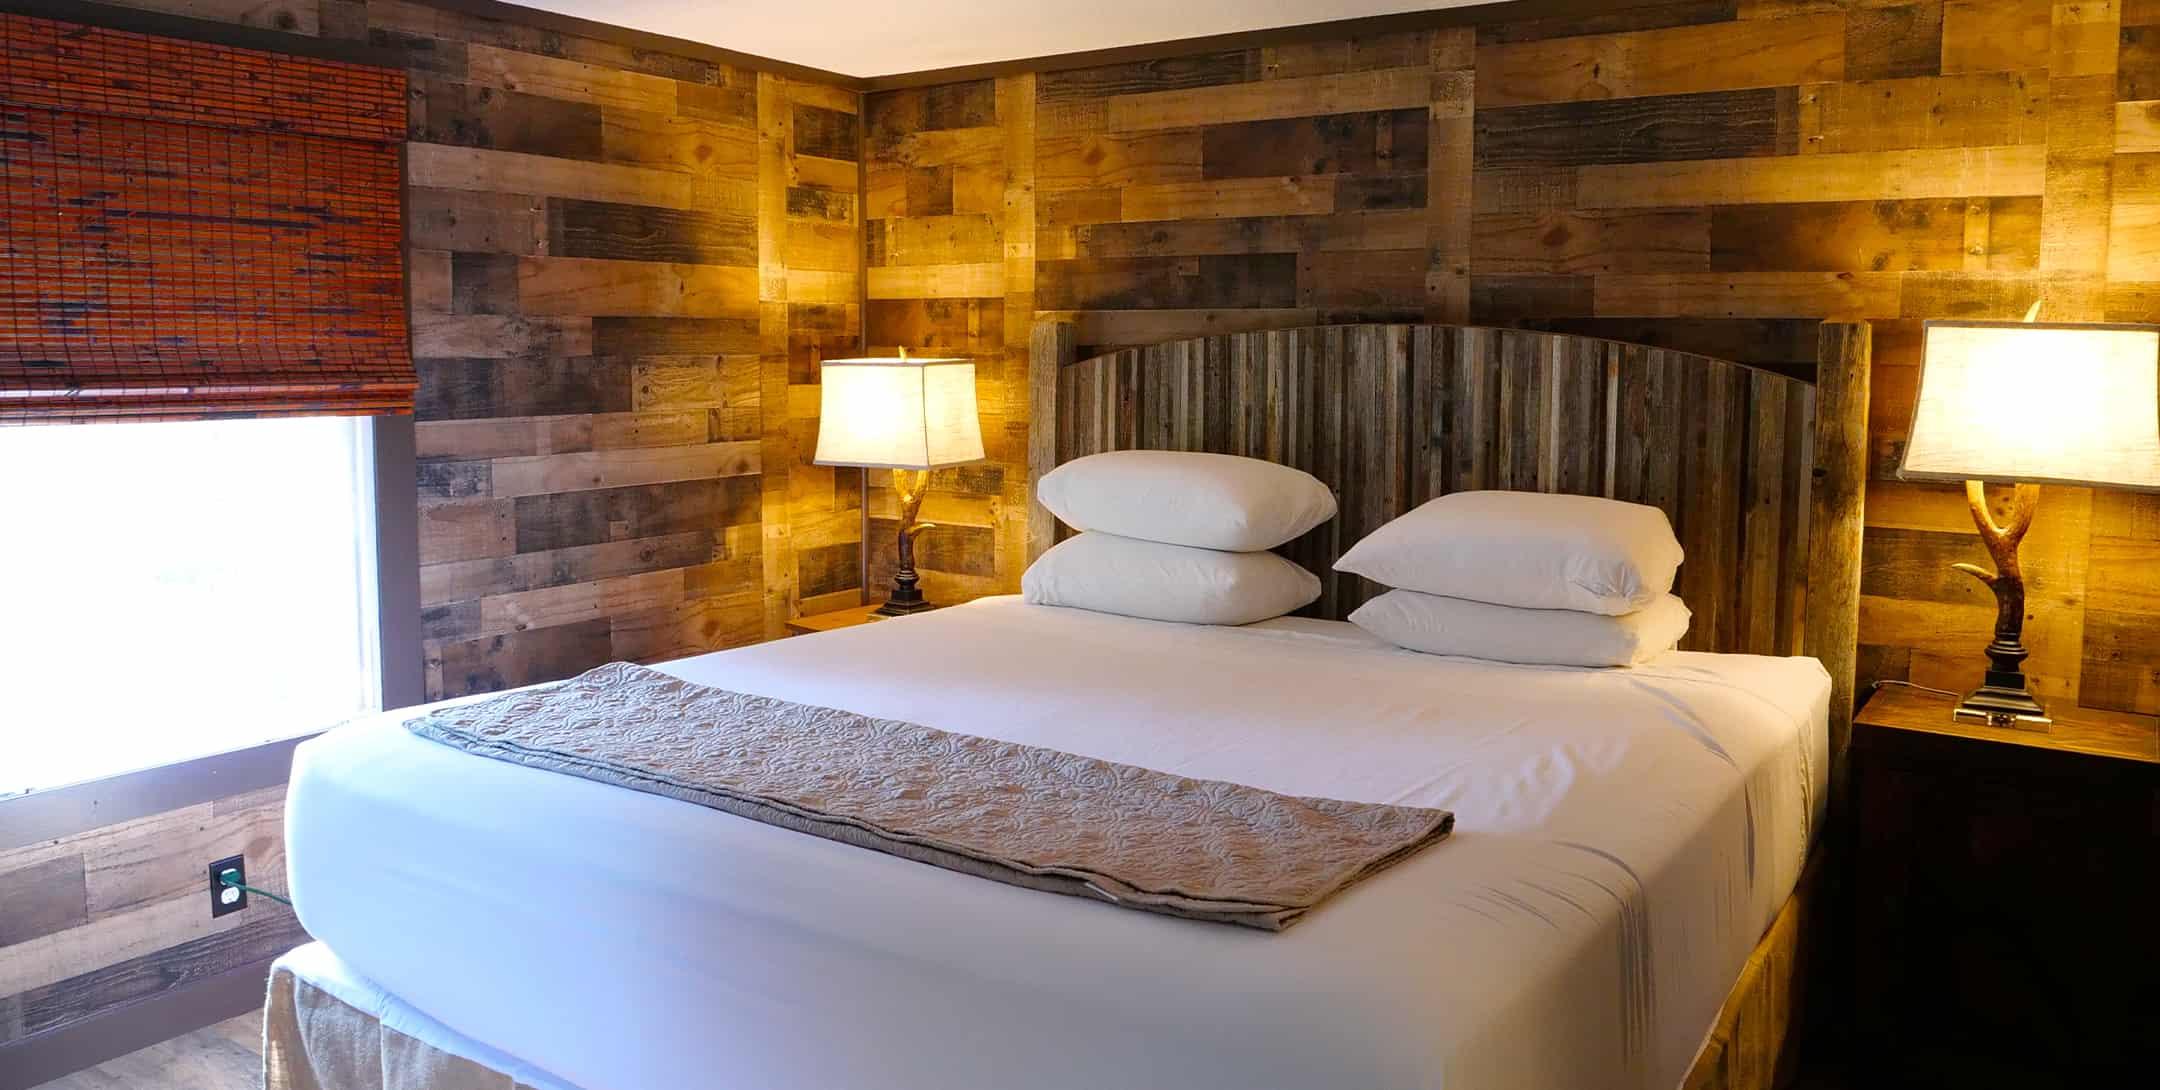 Hideaway Cabin rental near Houston TX